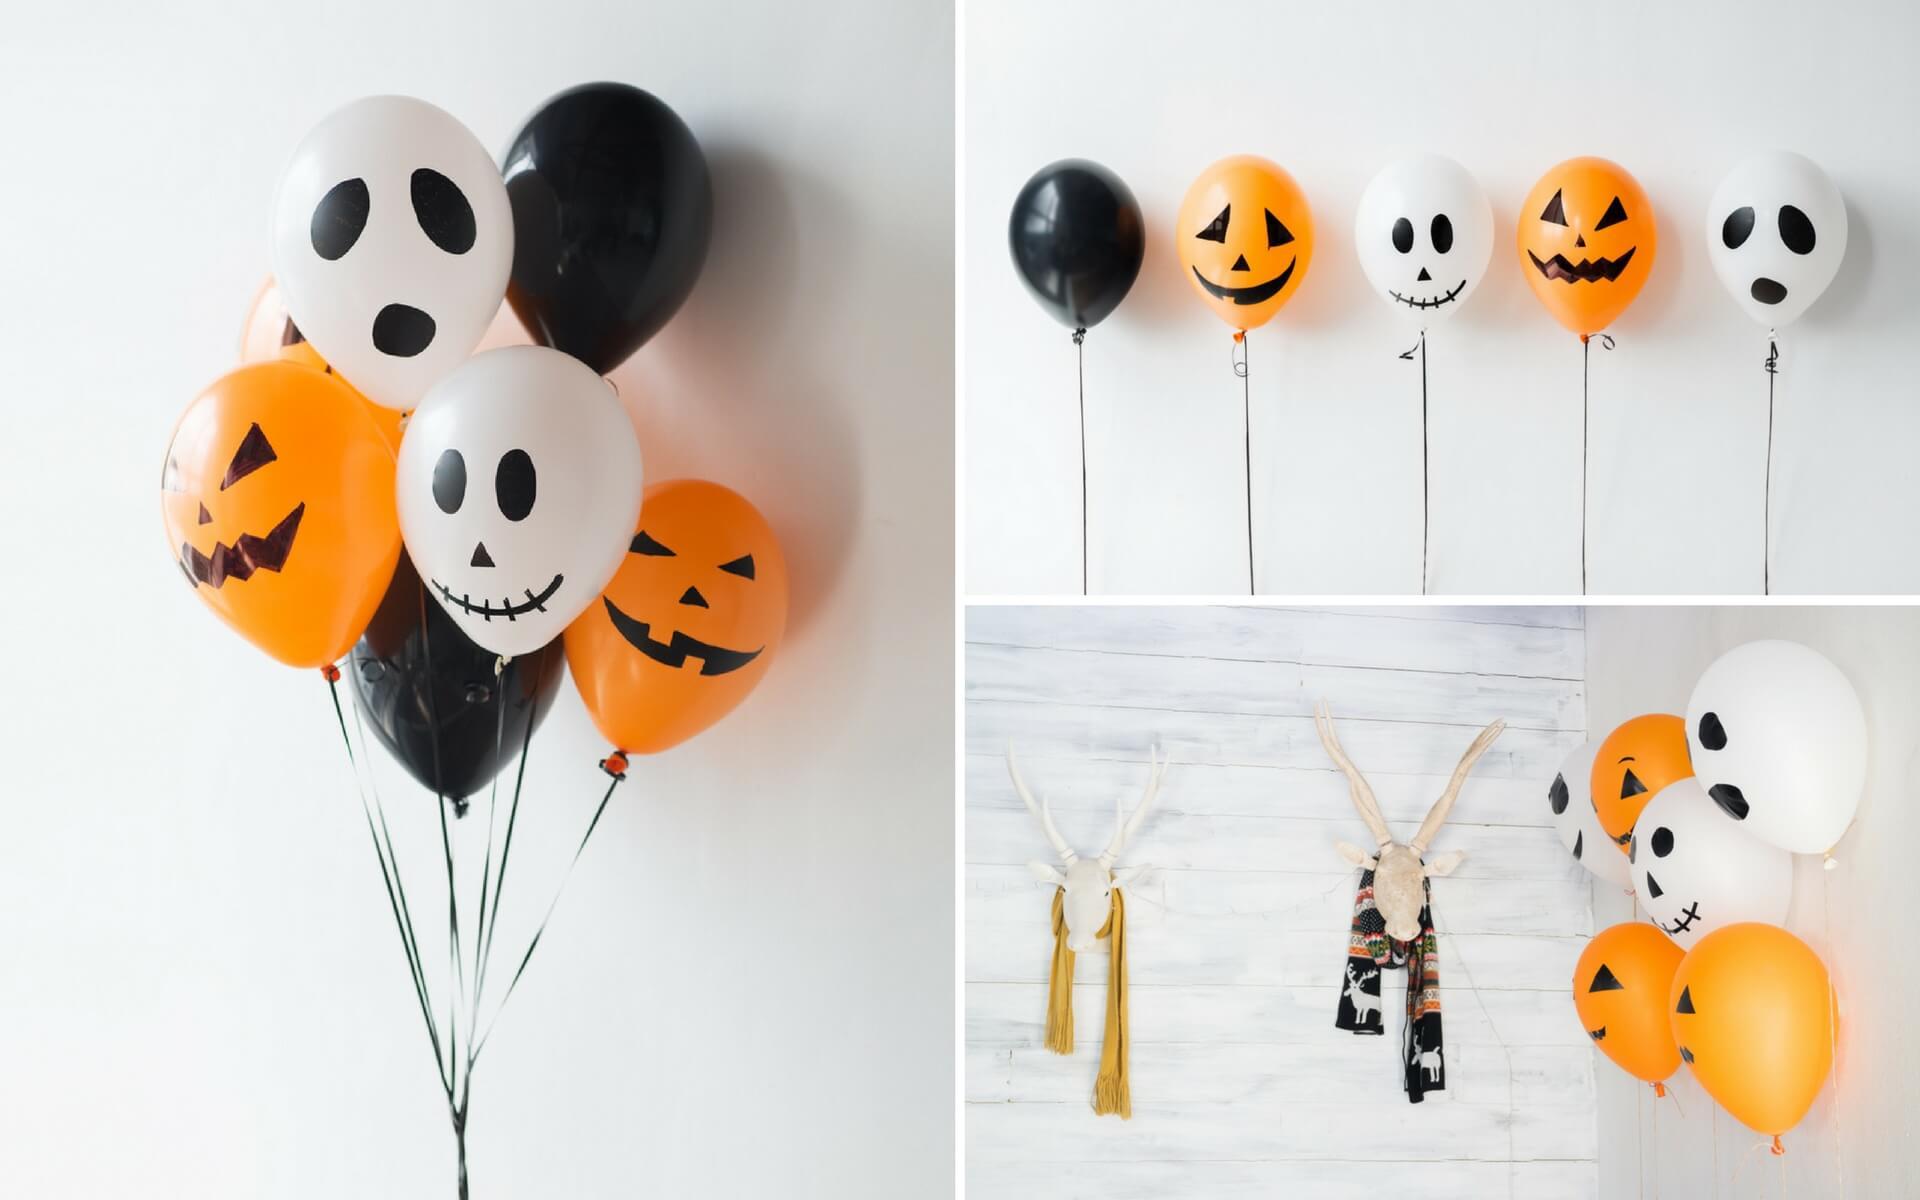 Consigli utili per creare palloncini con facce da fantasma per Halloween